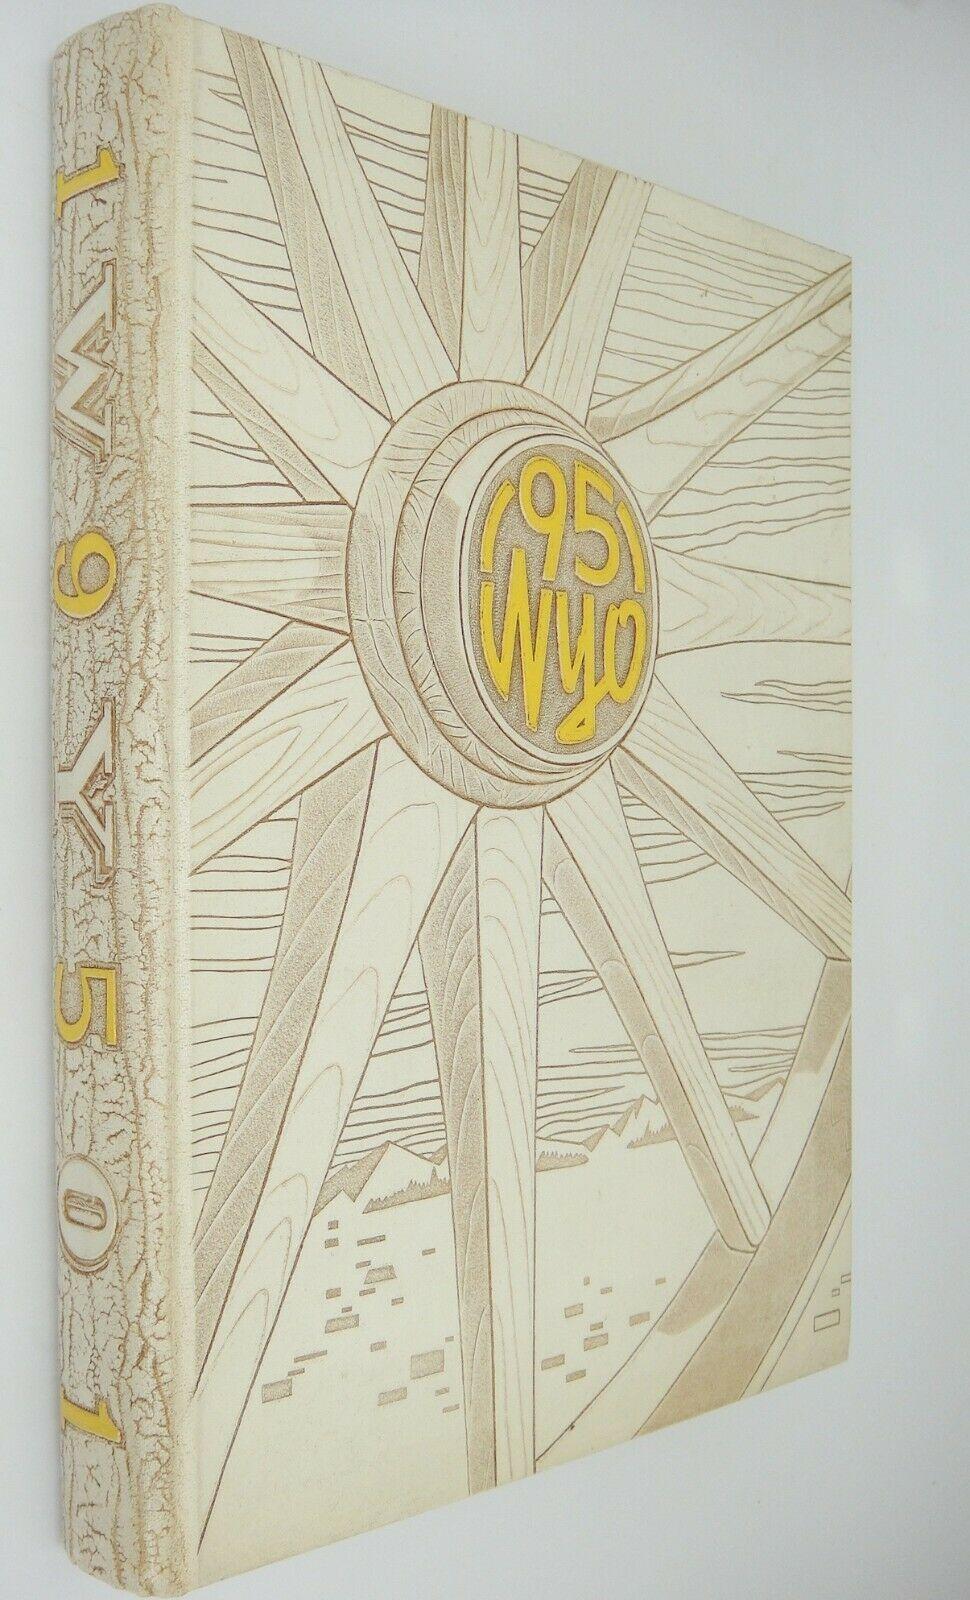 University of Wyoming 1951 Wyo Yearbook Volume XXXVIII Laramie White Embossed